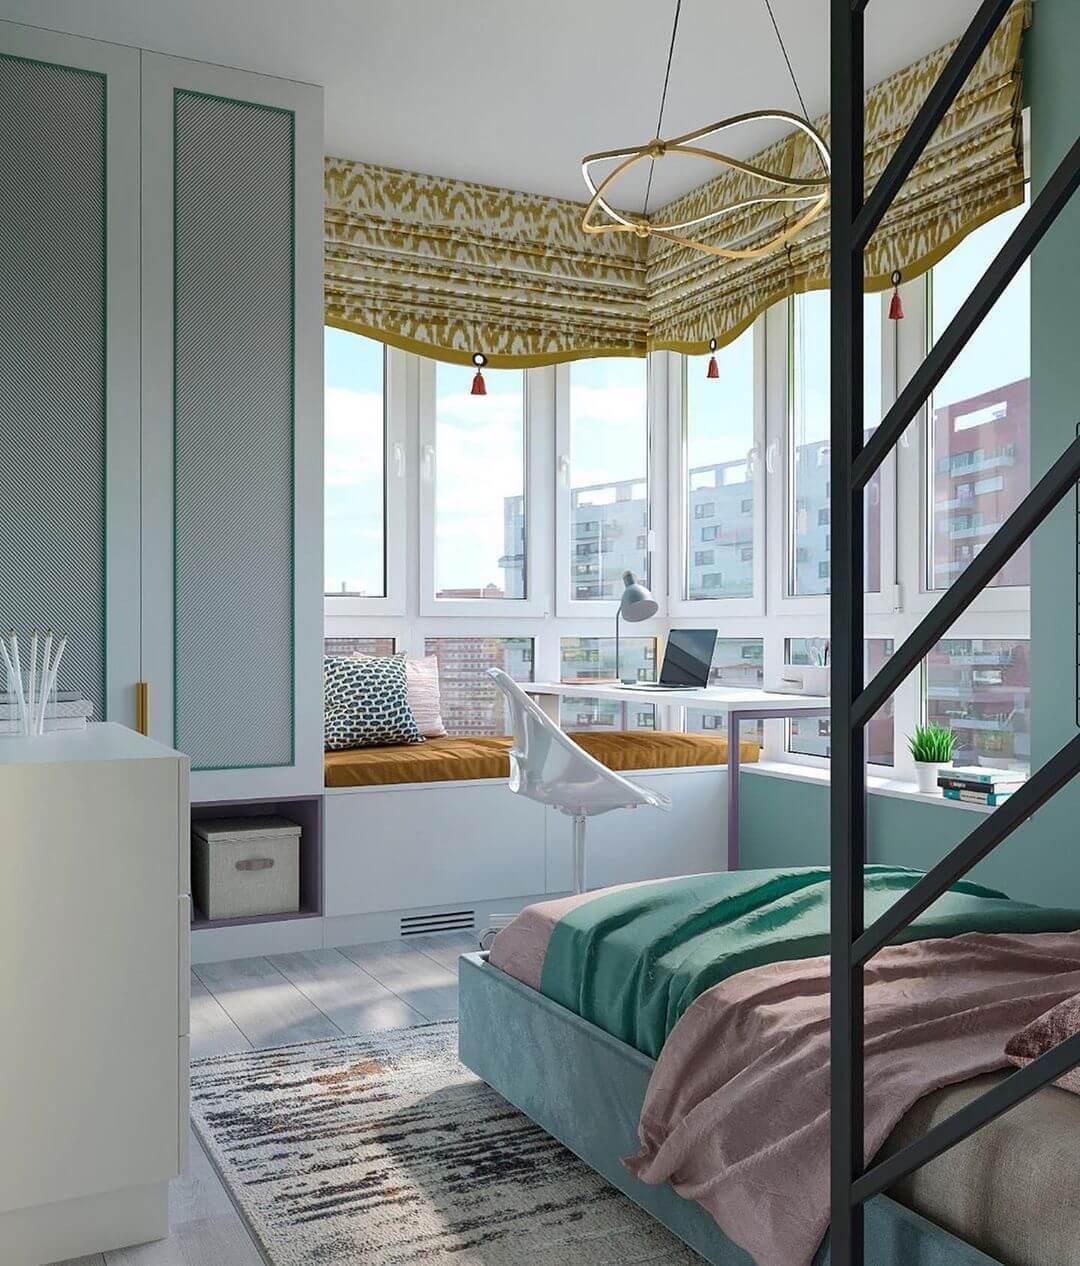 Дизайн детской спальни девочки в светло-зеленых тонах 3